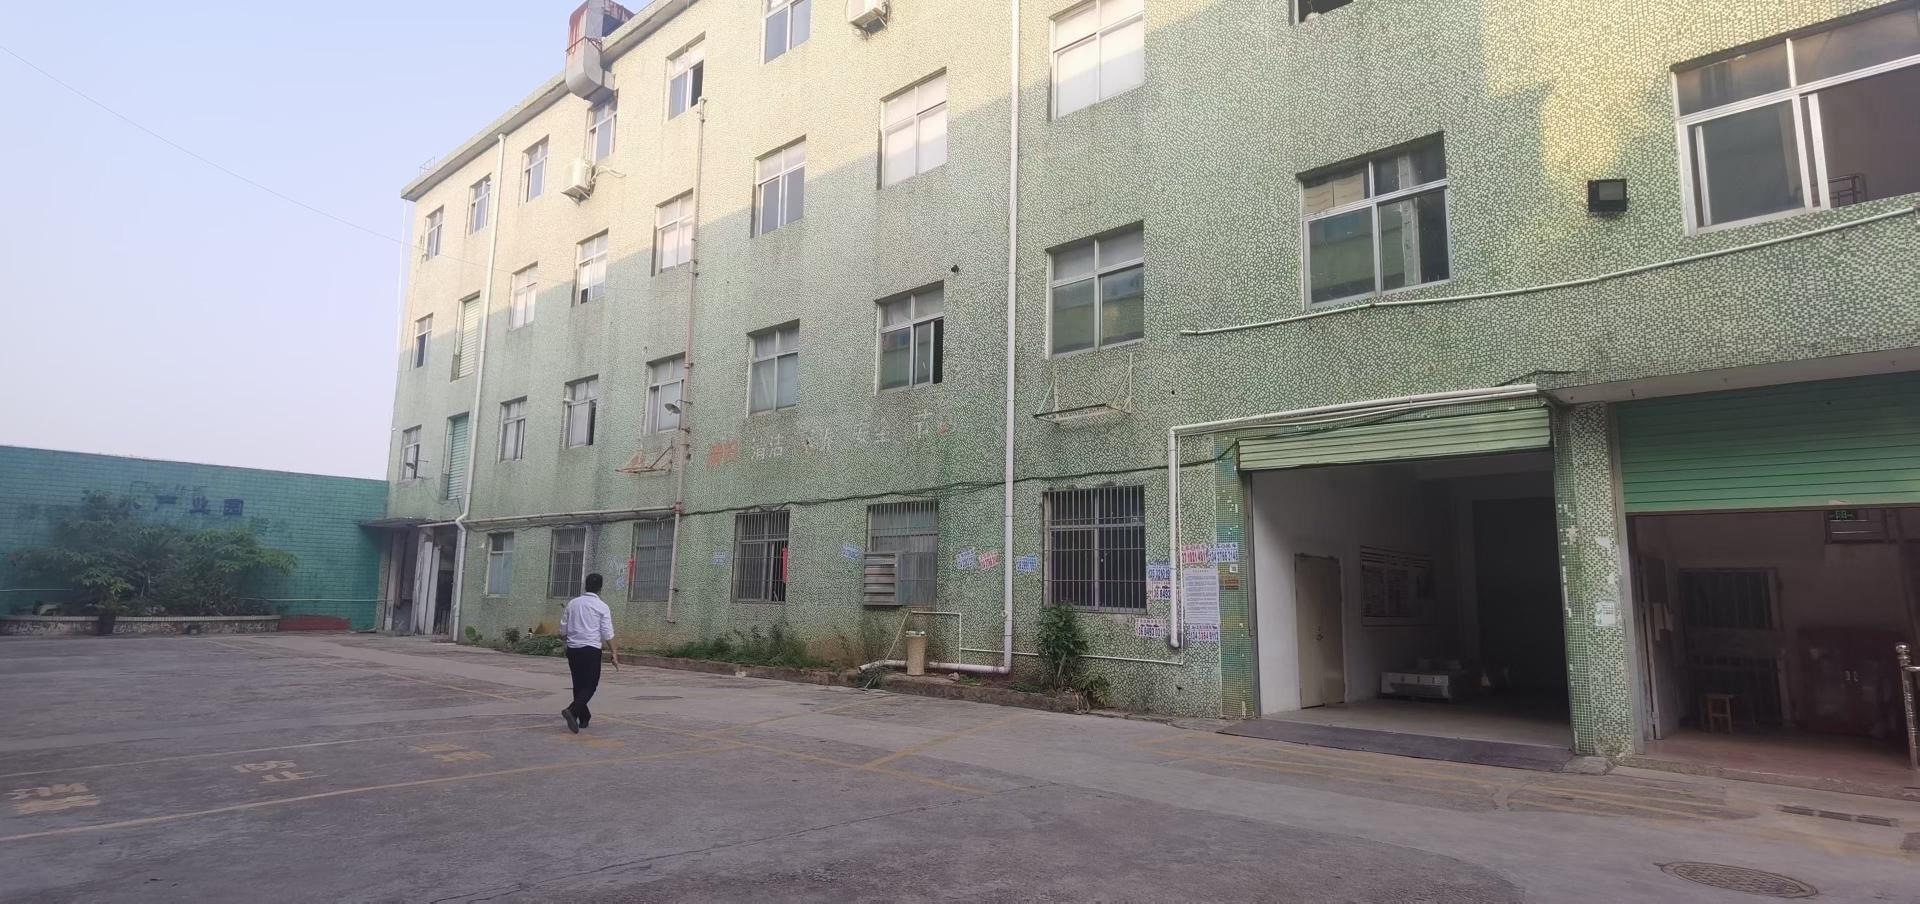 美坪山6000独门独院一楼高6米1000仓库厂房出租厂房合租